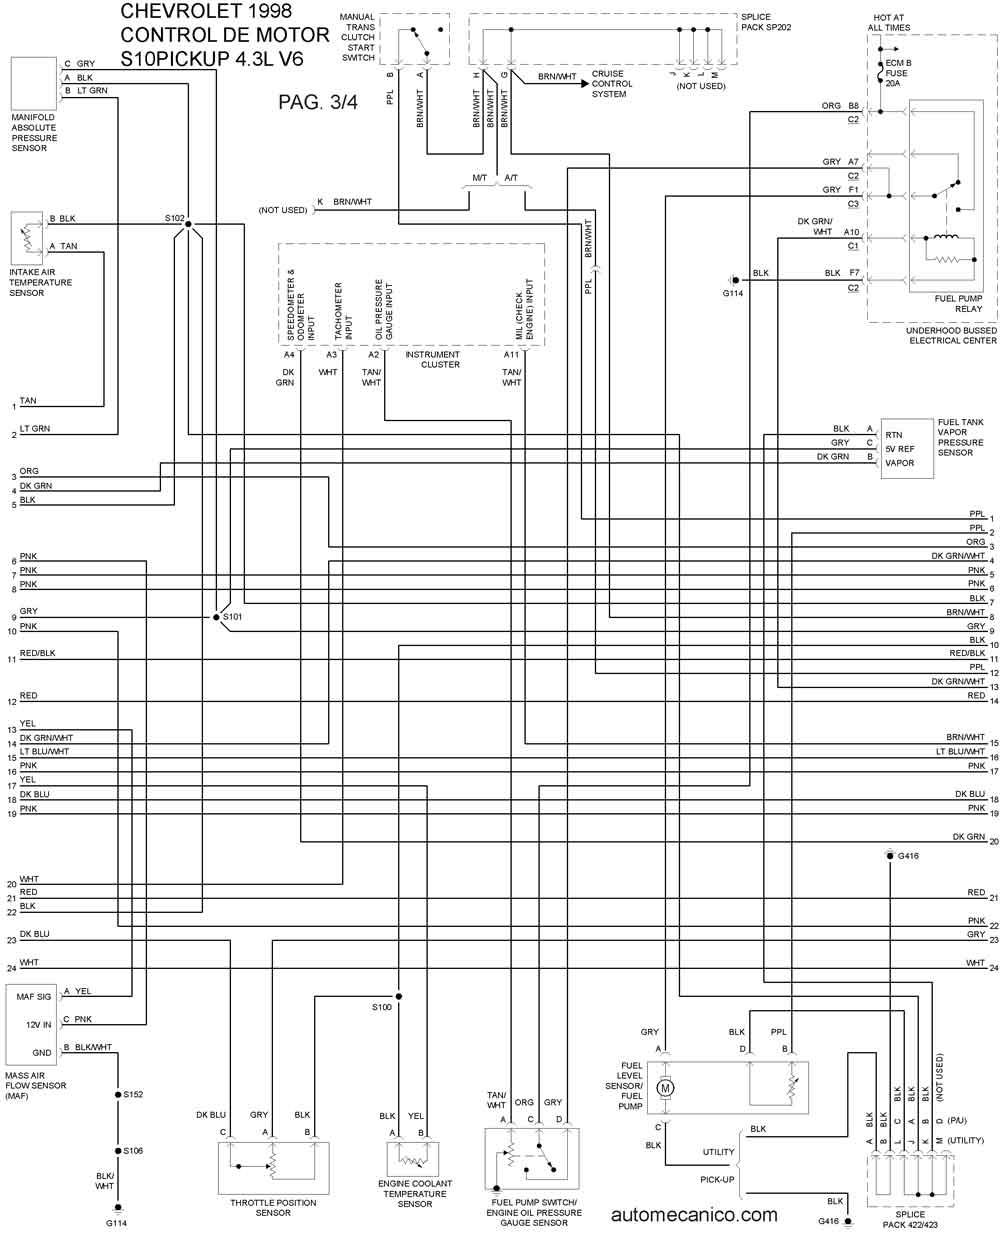 1992 corvette radio diagrama de cableado